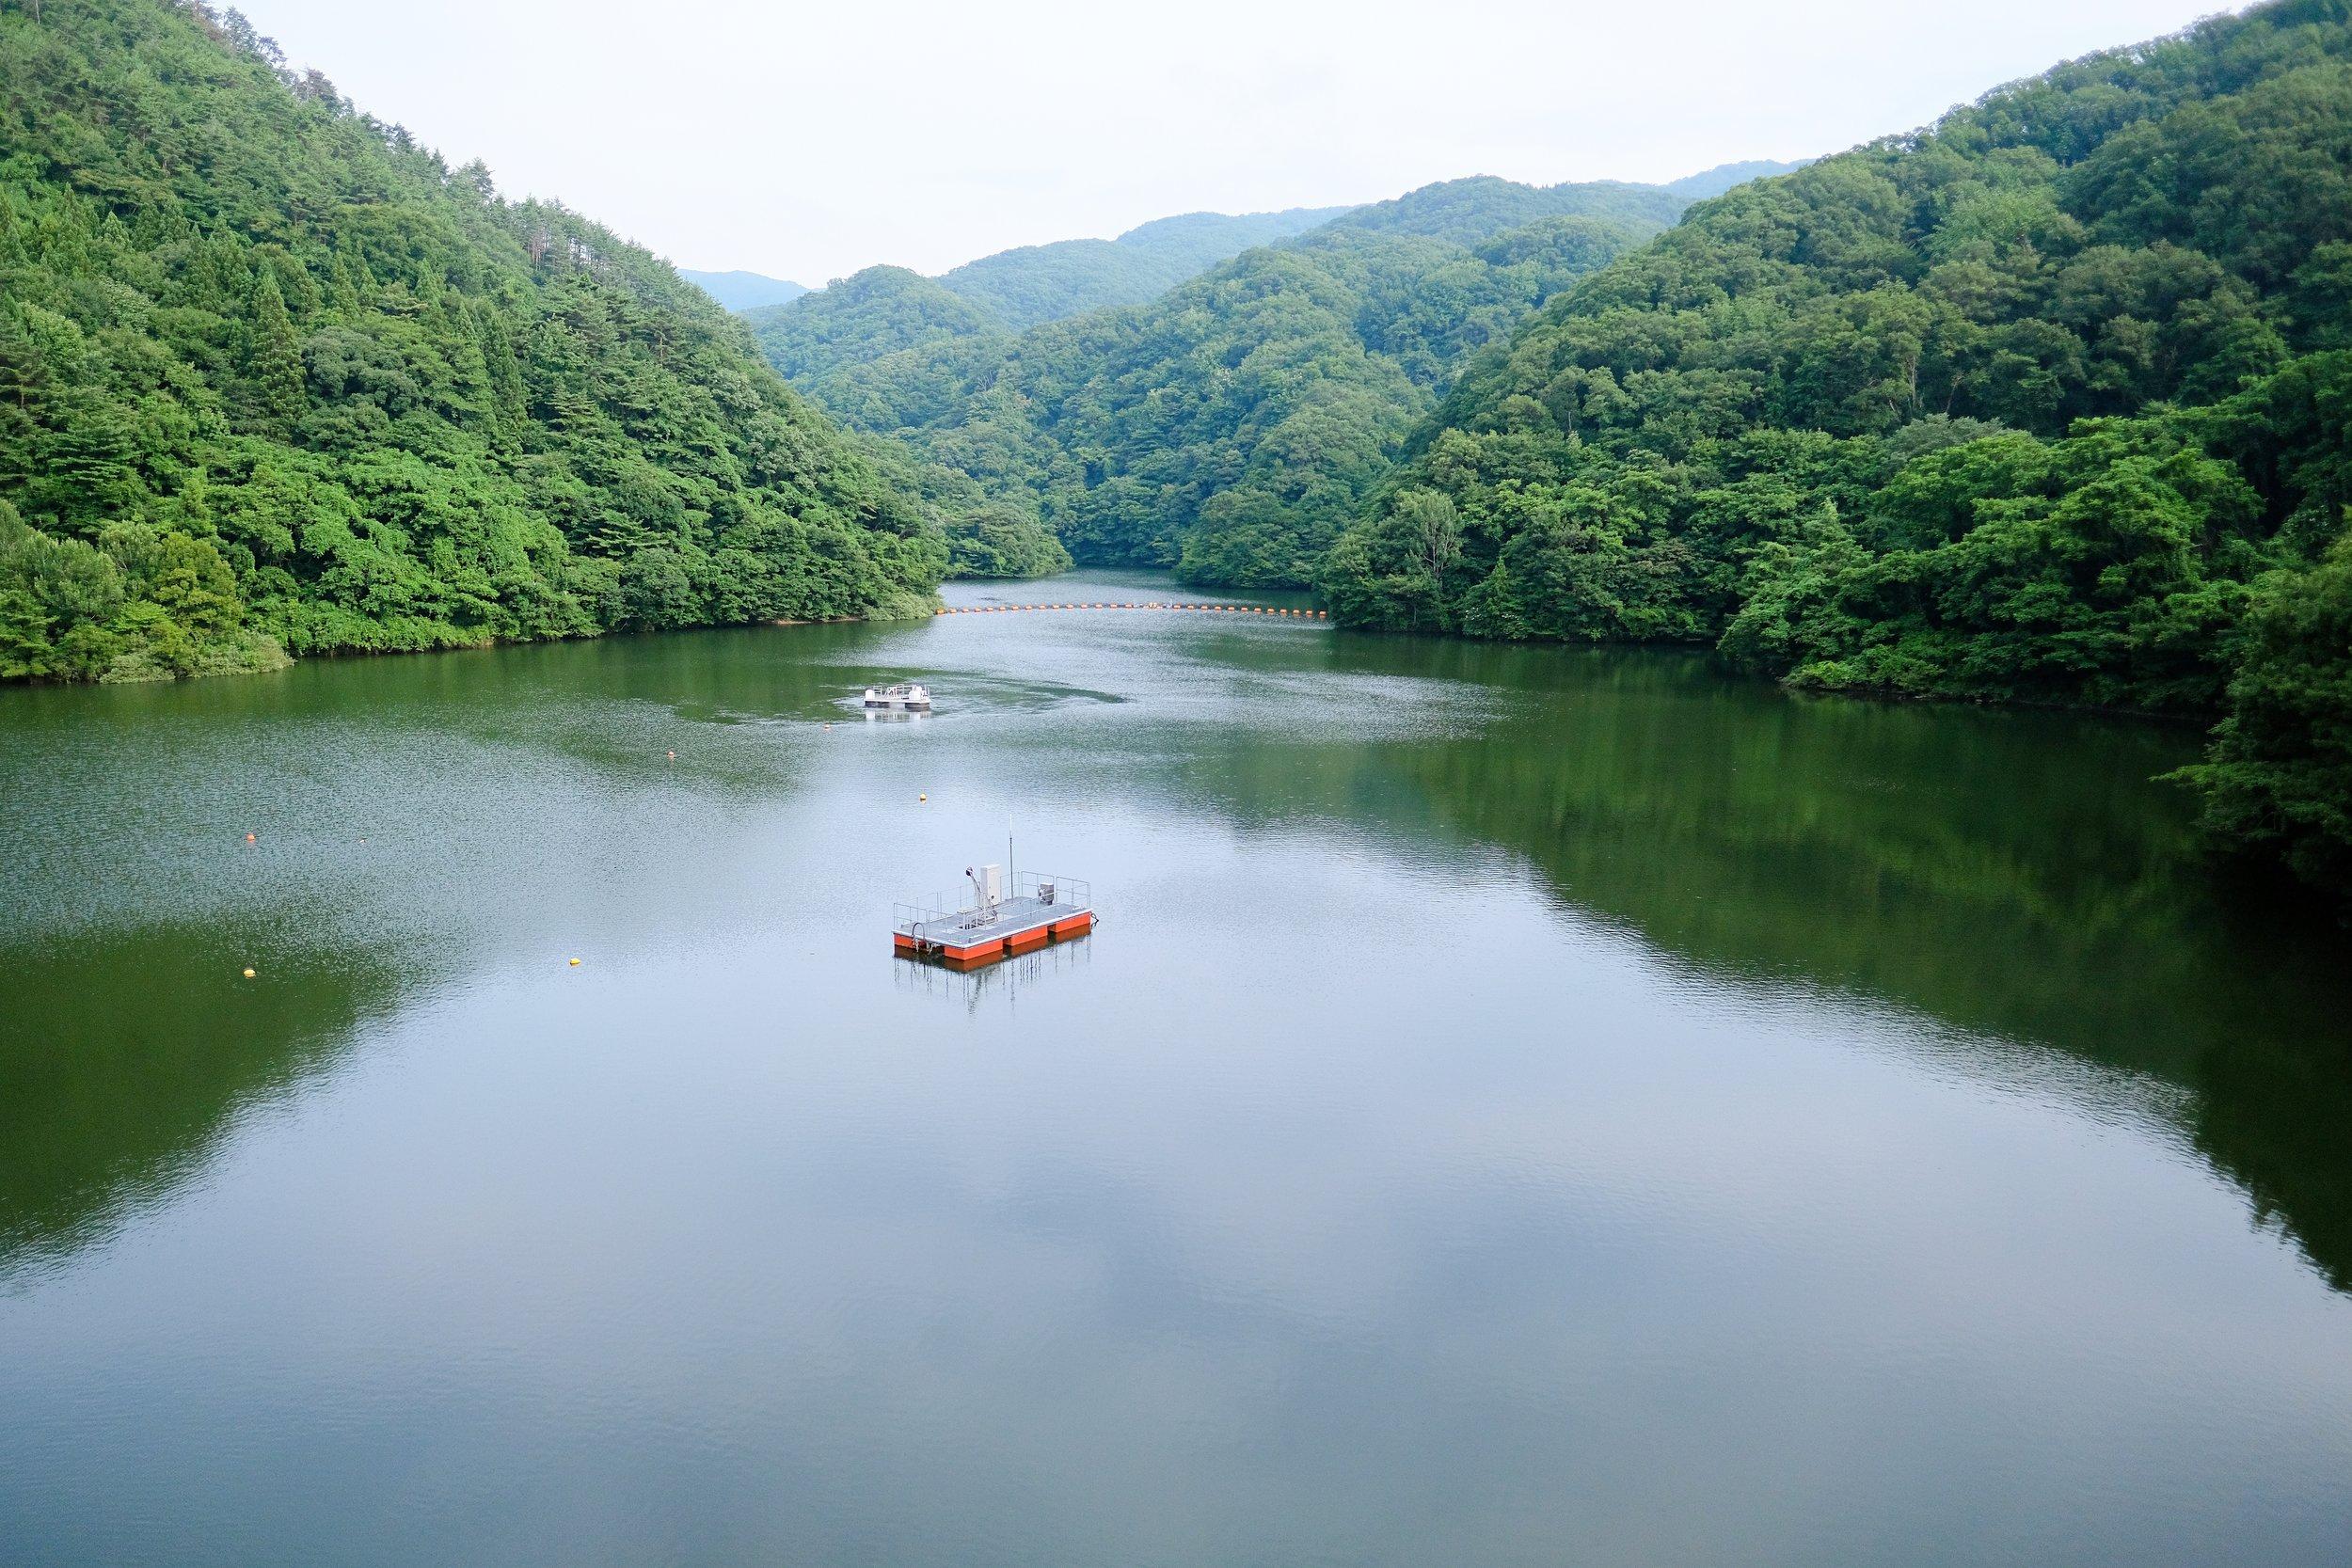 久知川ダム天端からの眺め